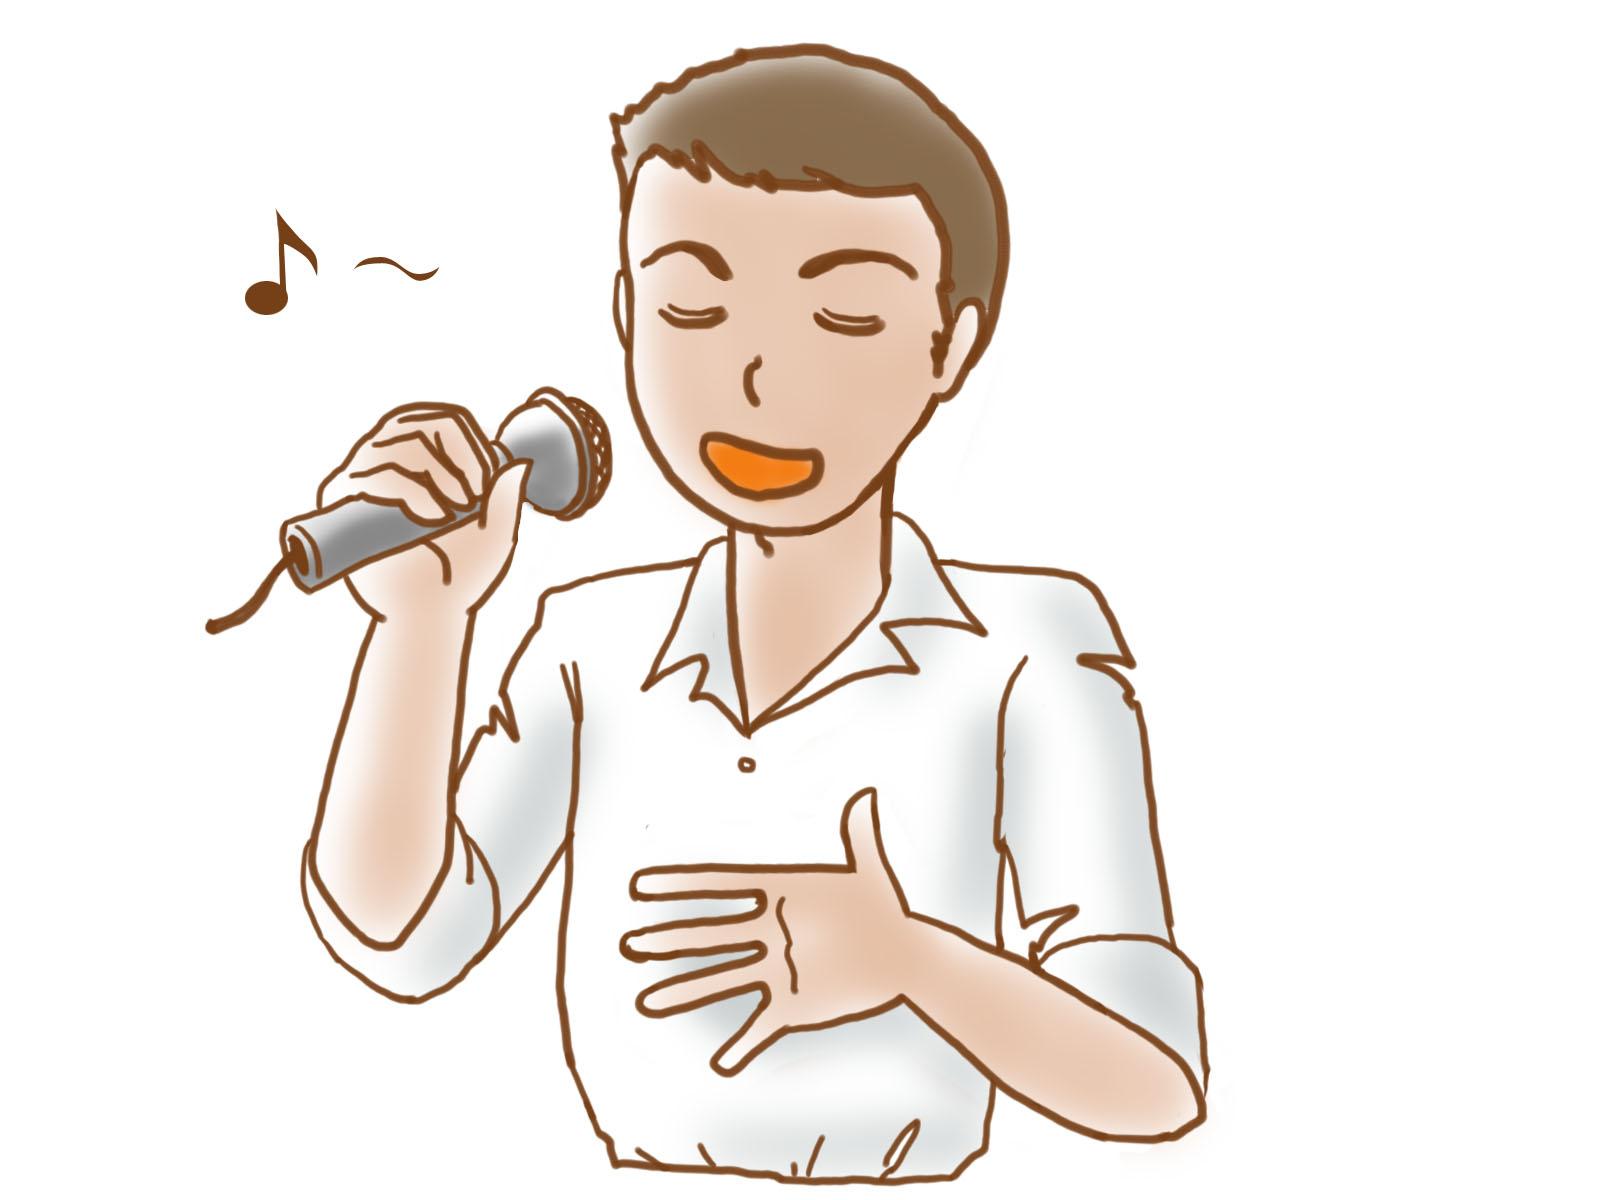 曲 たら かっこいい 歌え カラオケ で